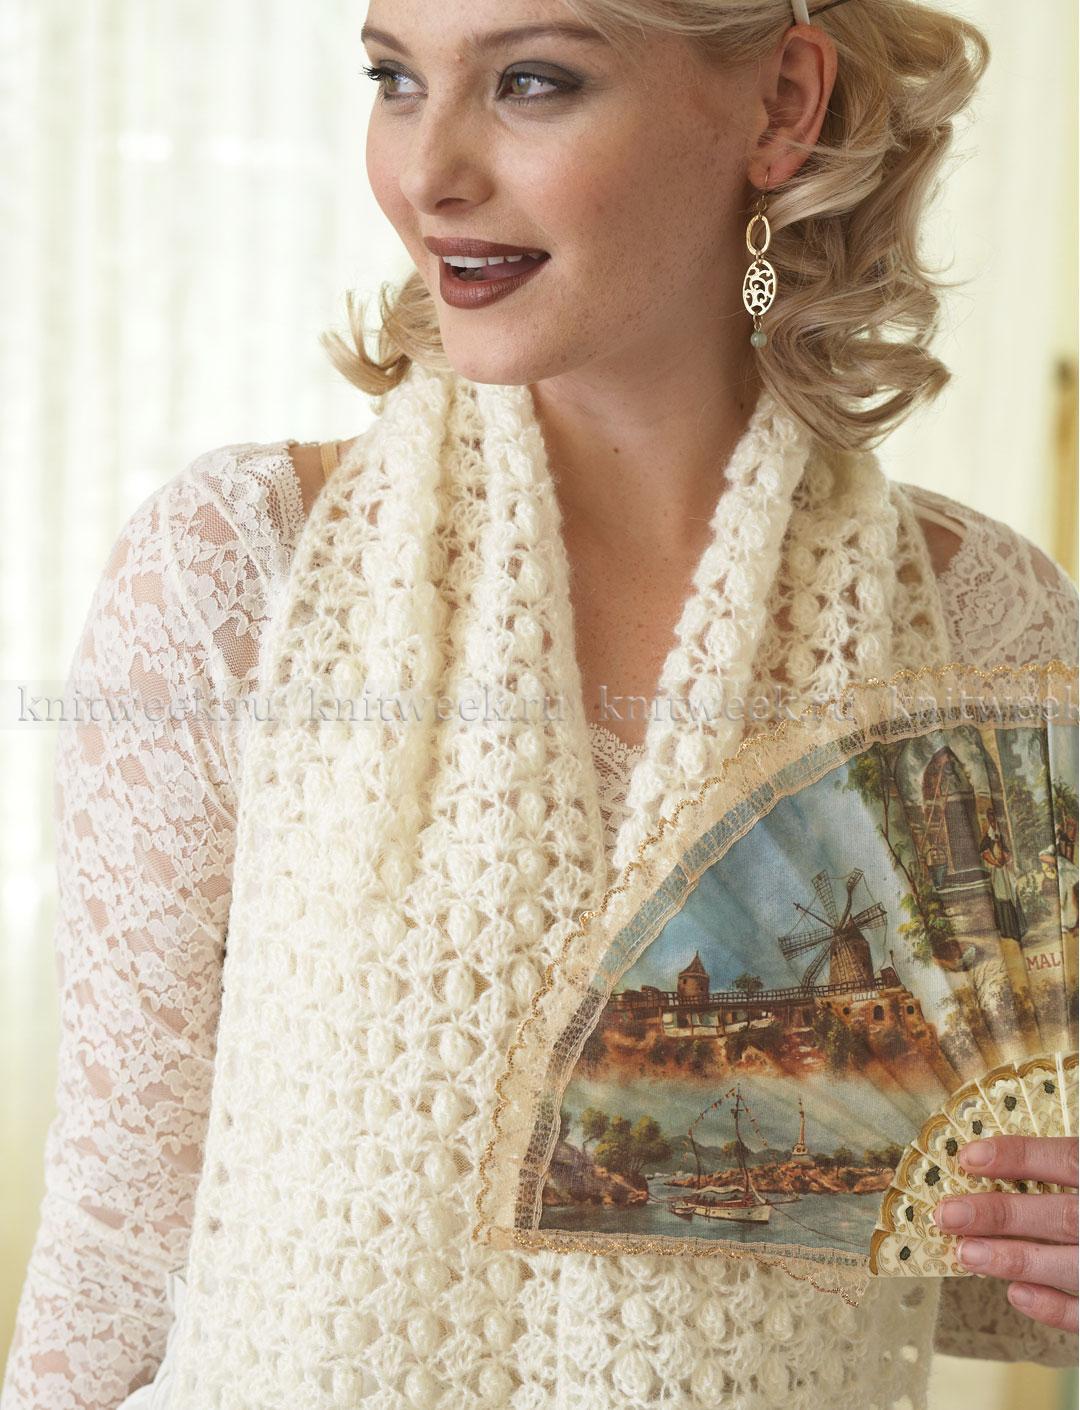 Женский шарф крючком схемы и описание